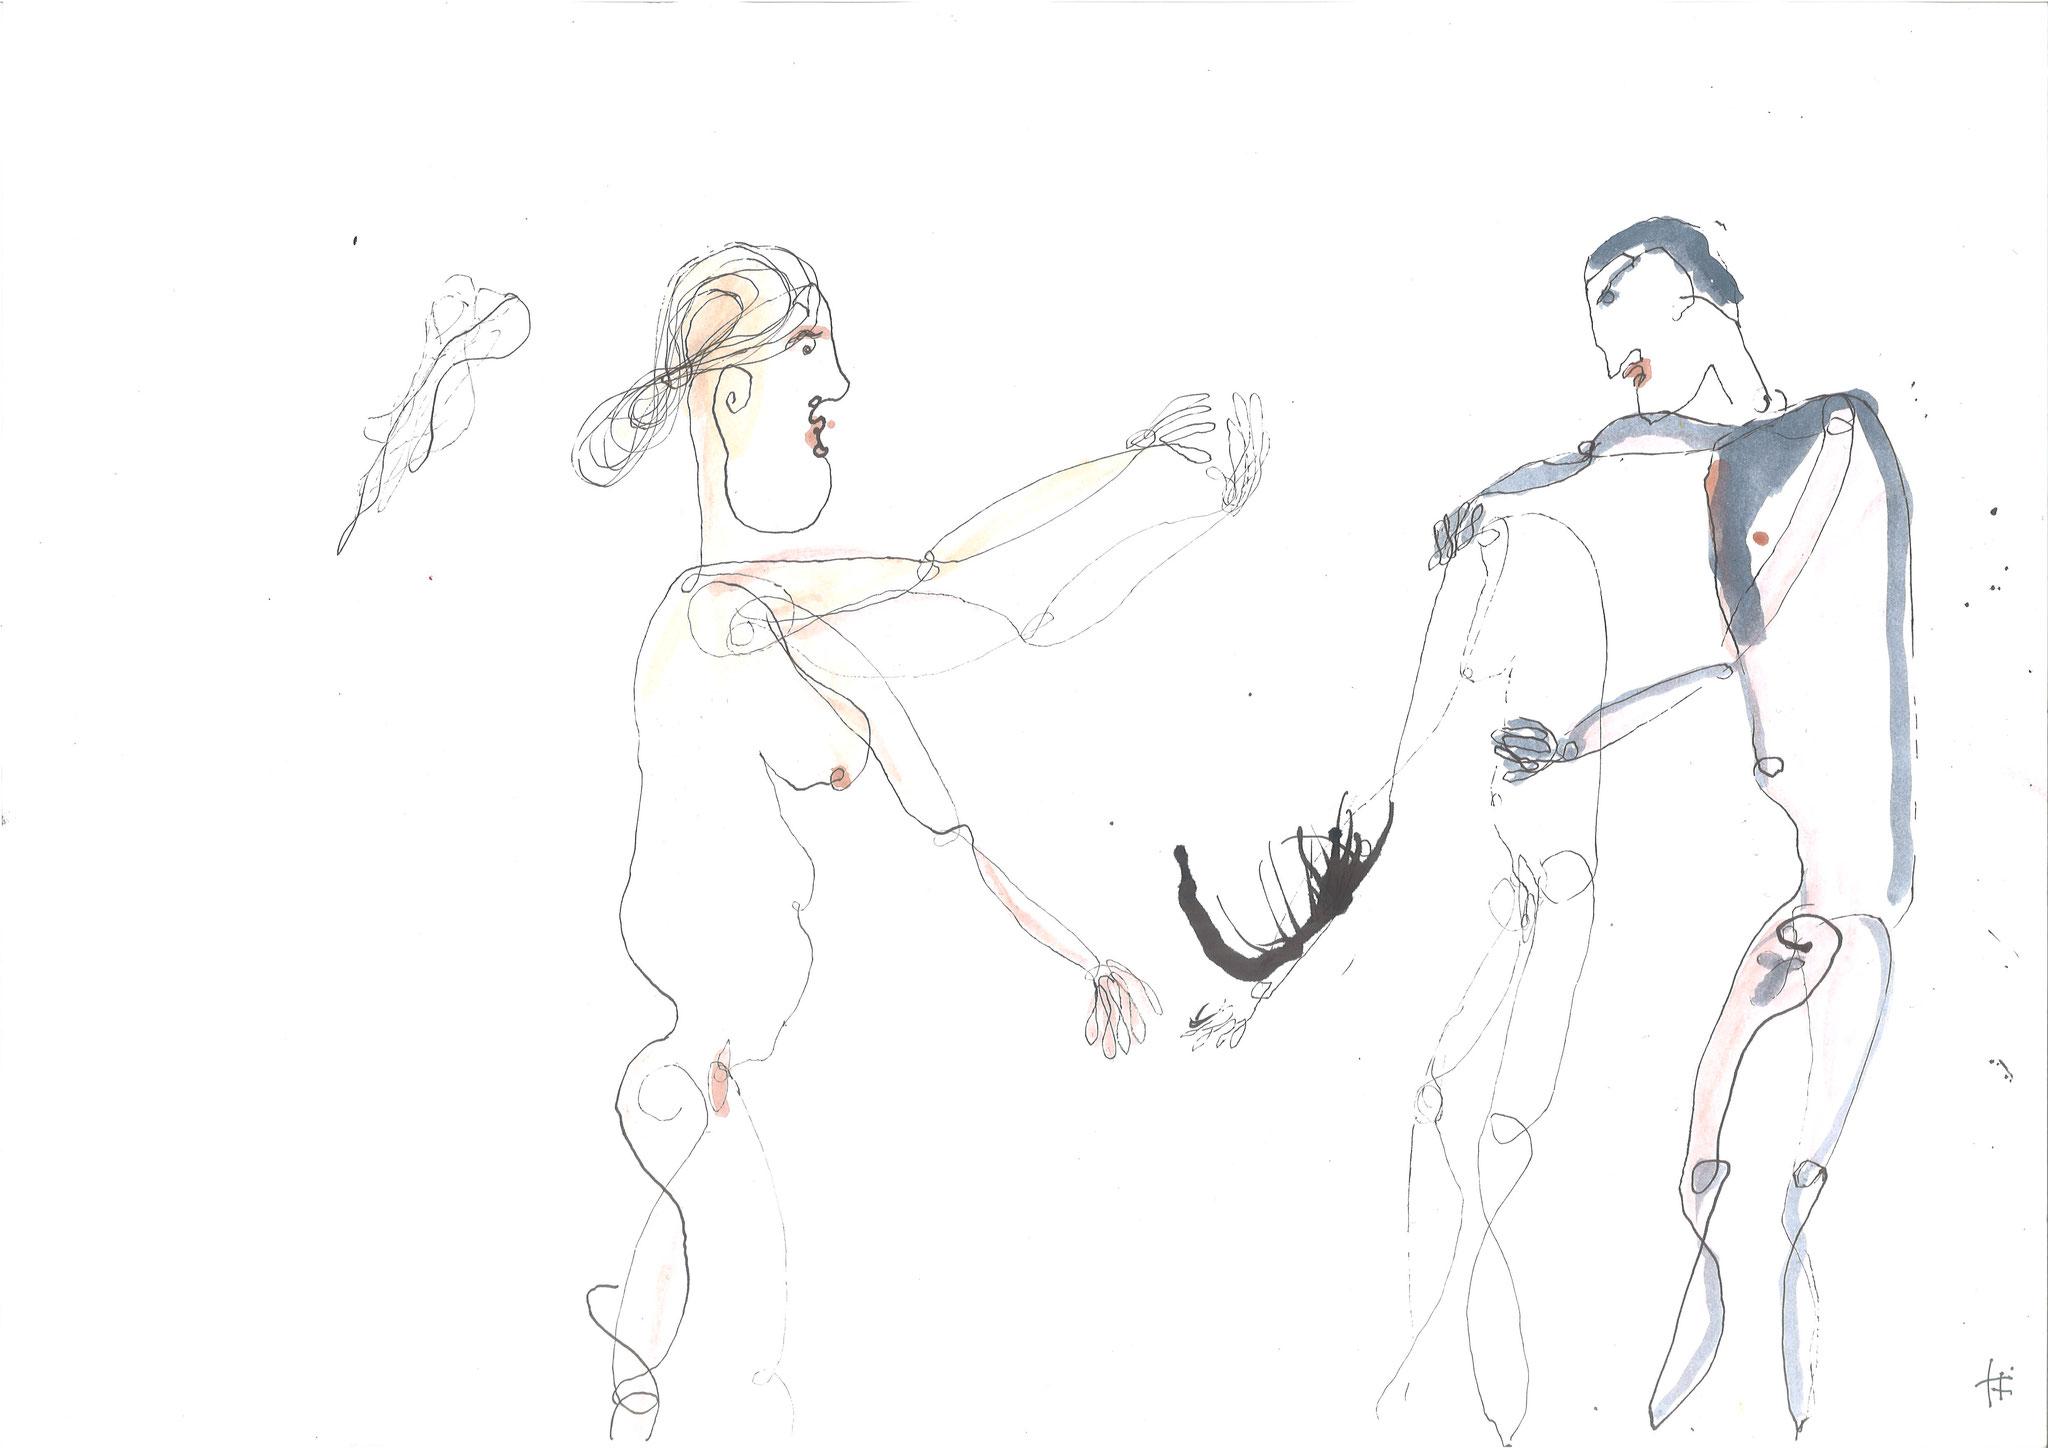 Für jeden etwas 2016, Tusche, 42 x 29,7 cm